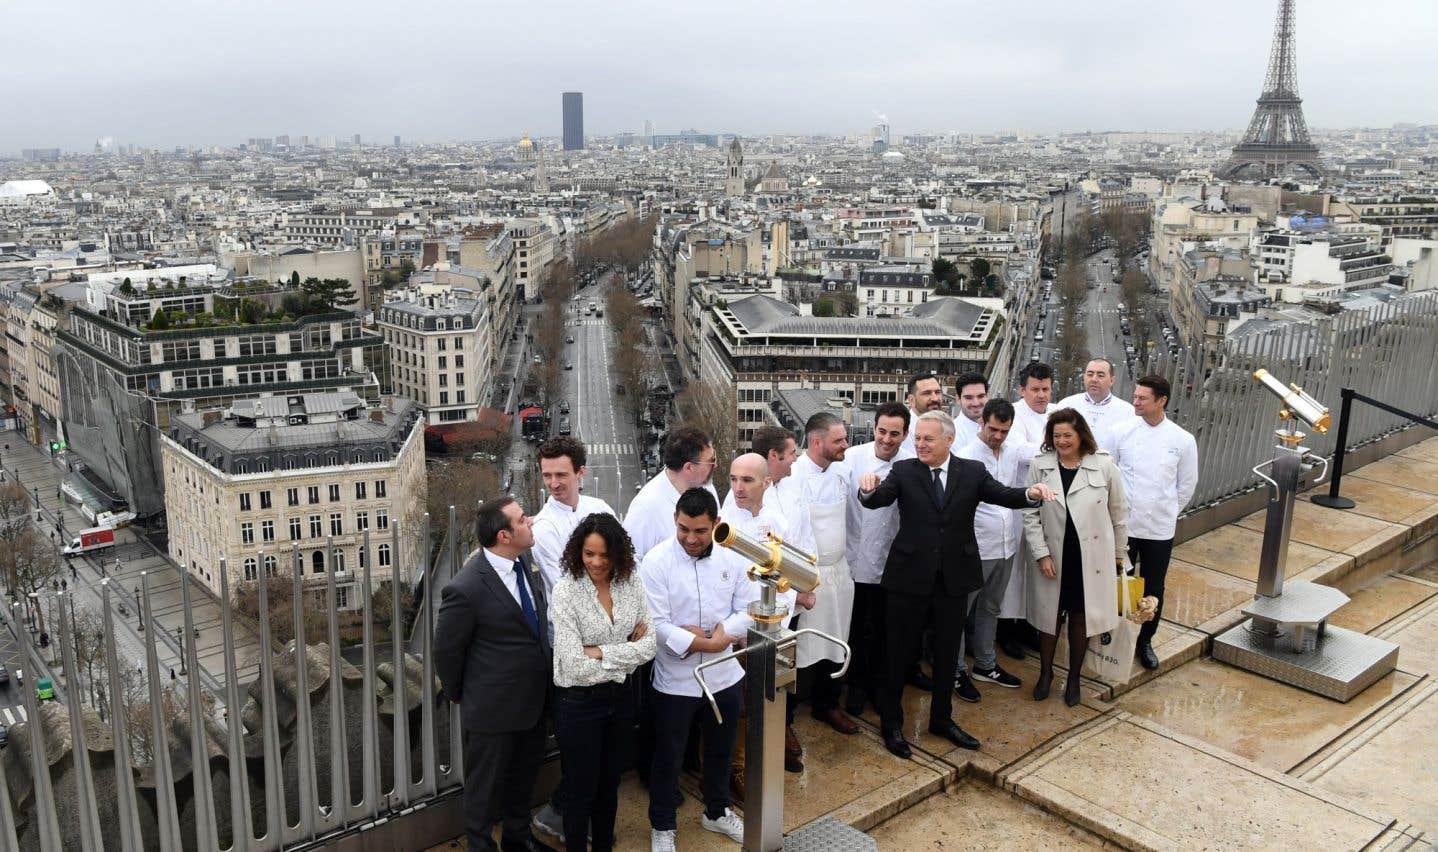 Jean-Marc Ayrault et Alain Ducasse posent en compagnie de jeunes apprentis cuisiniers au sommet de l'Arc de Triomphe, à Paris.